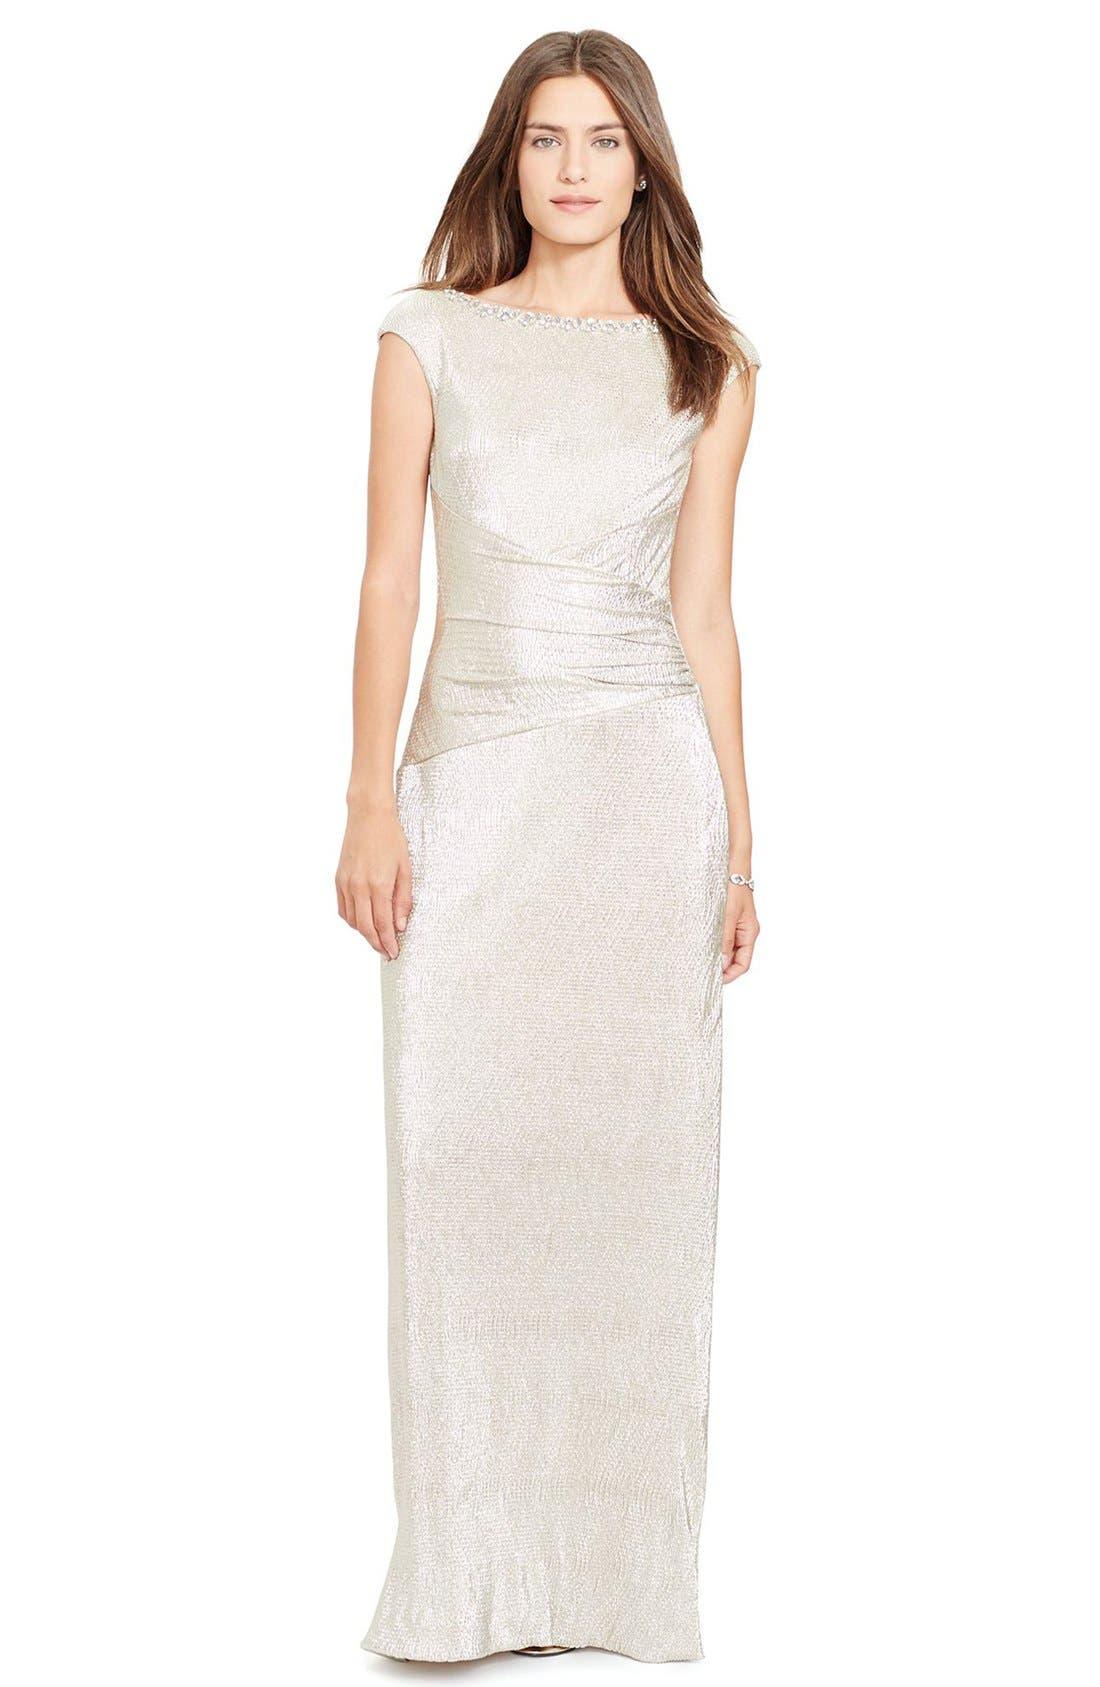 Main Image - Lauren Ralph Lauren Embellished Metallic Knit Column Gown (Regular & Petite)